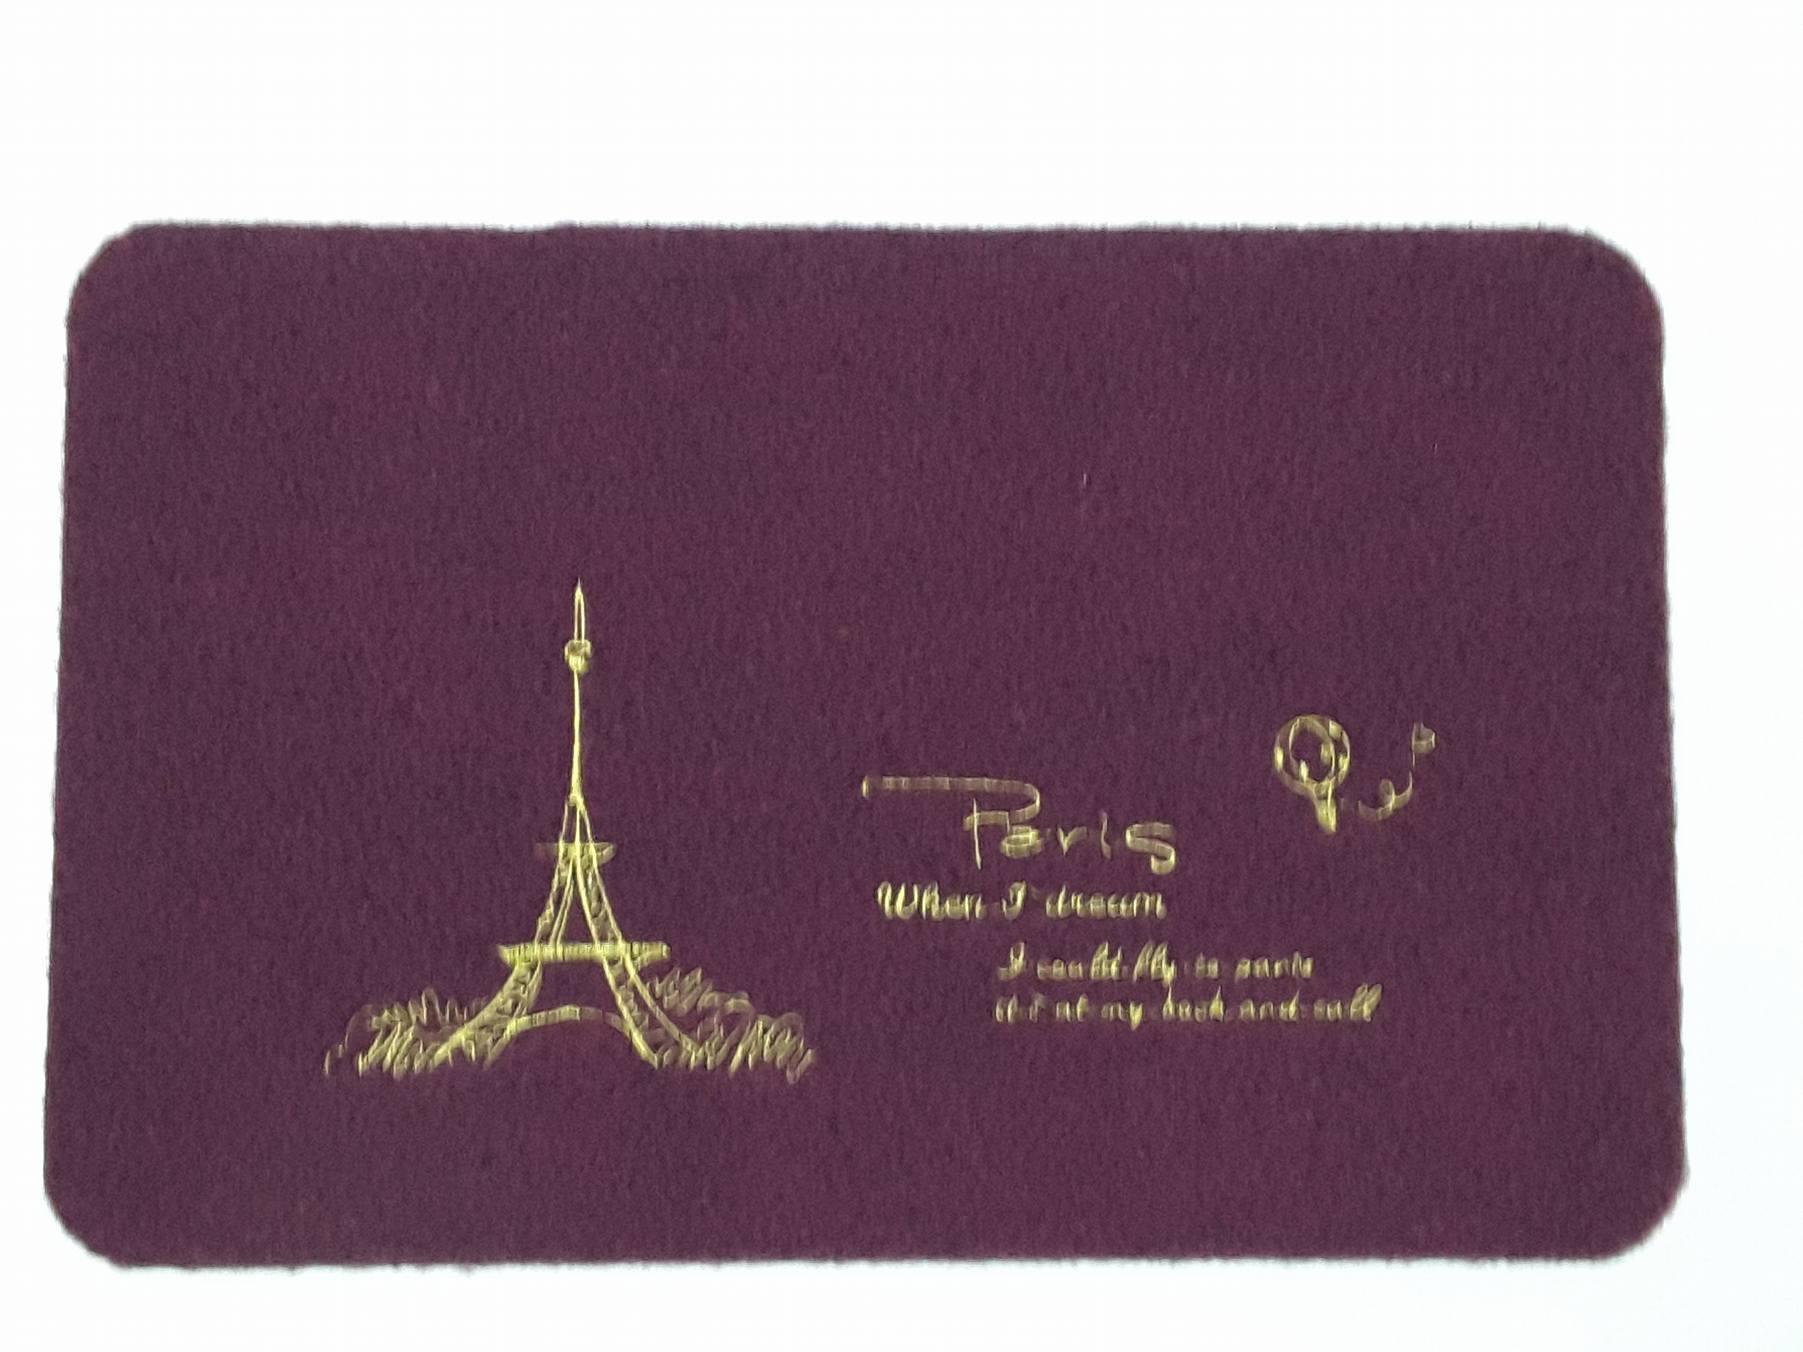 La maison生活小舖《歐風絨毛繪圖地墊腳踏墊》巴黎艾菲爾鐵塔圖案  耐用防滑 玄關、客廳、車裡皆適用 不同於一般刮泥圖案 放在美觀大方 地墊/軟墊/腳踏墊/止滑墊/刮泥墊/車用墊